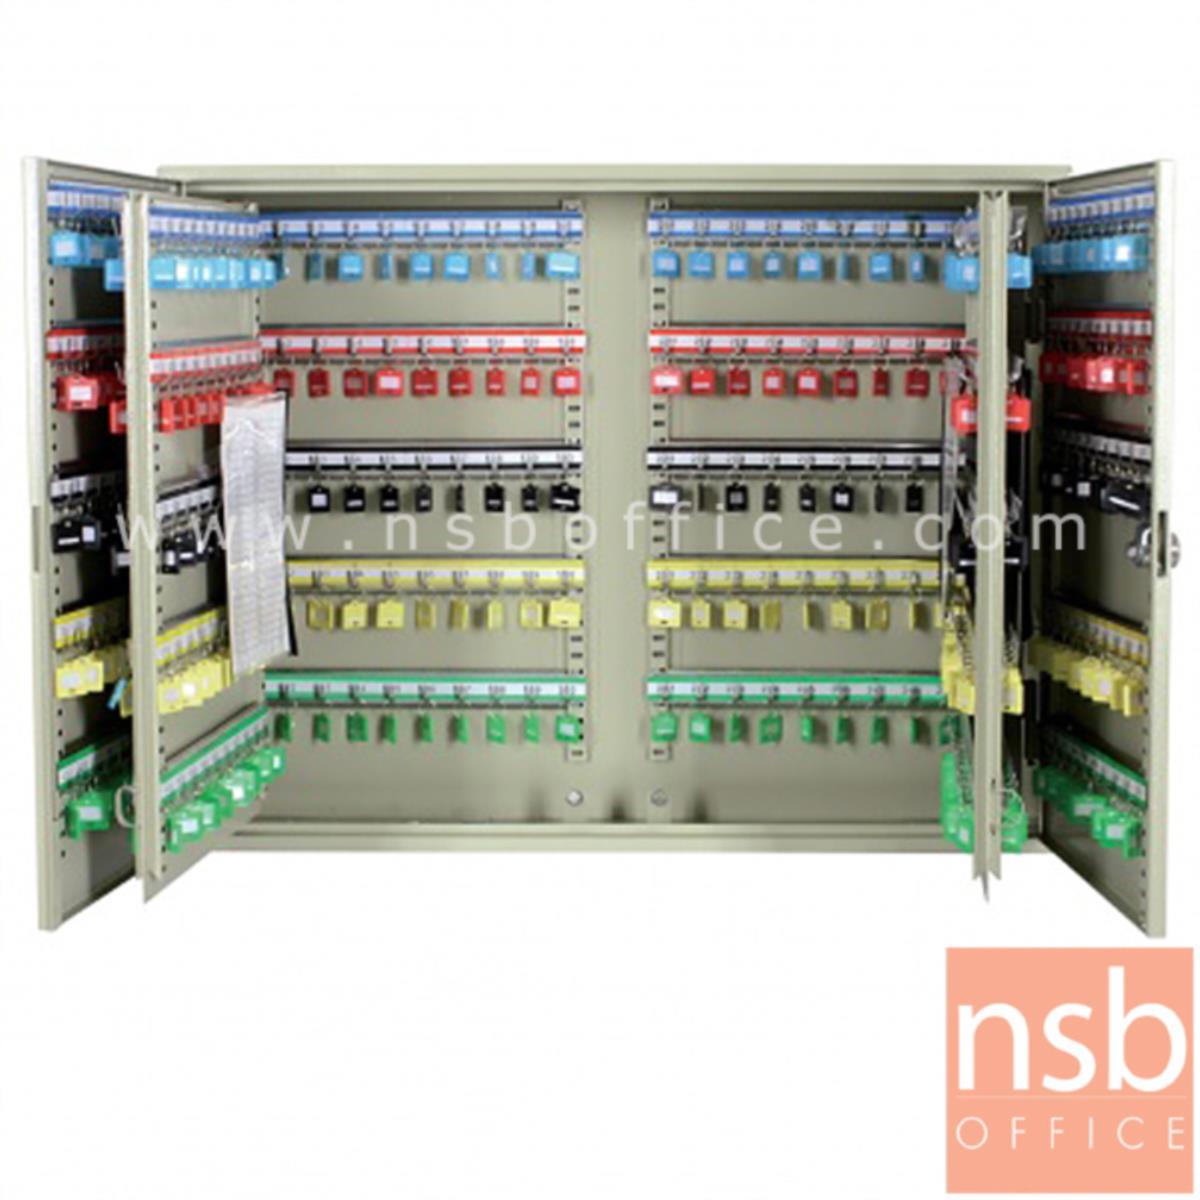 E17A010:ตู้เก็บกุญแจ 400 ดอก พร้อมพวงกุญแจระบุหมายเลข ระบบกุญแจล็อค รุ่น Rene (เรเน)